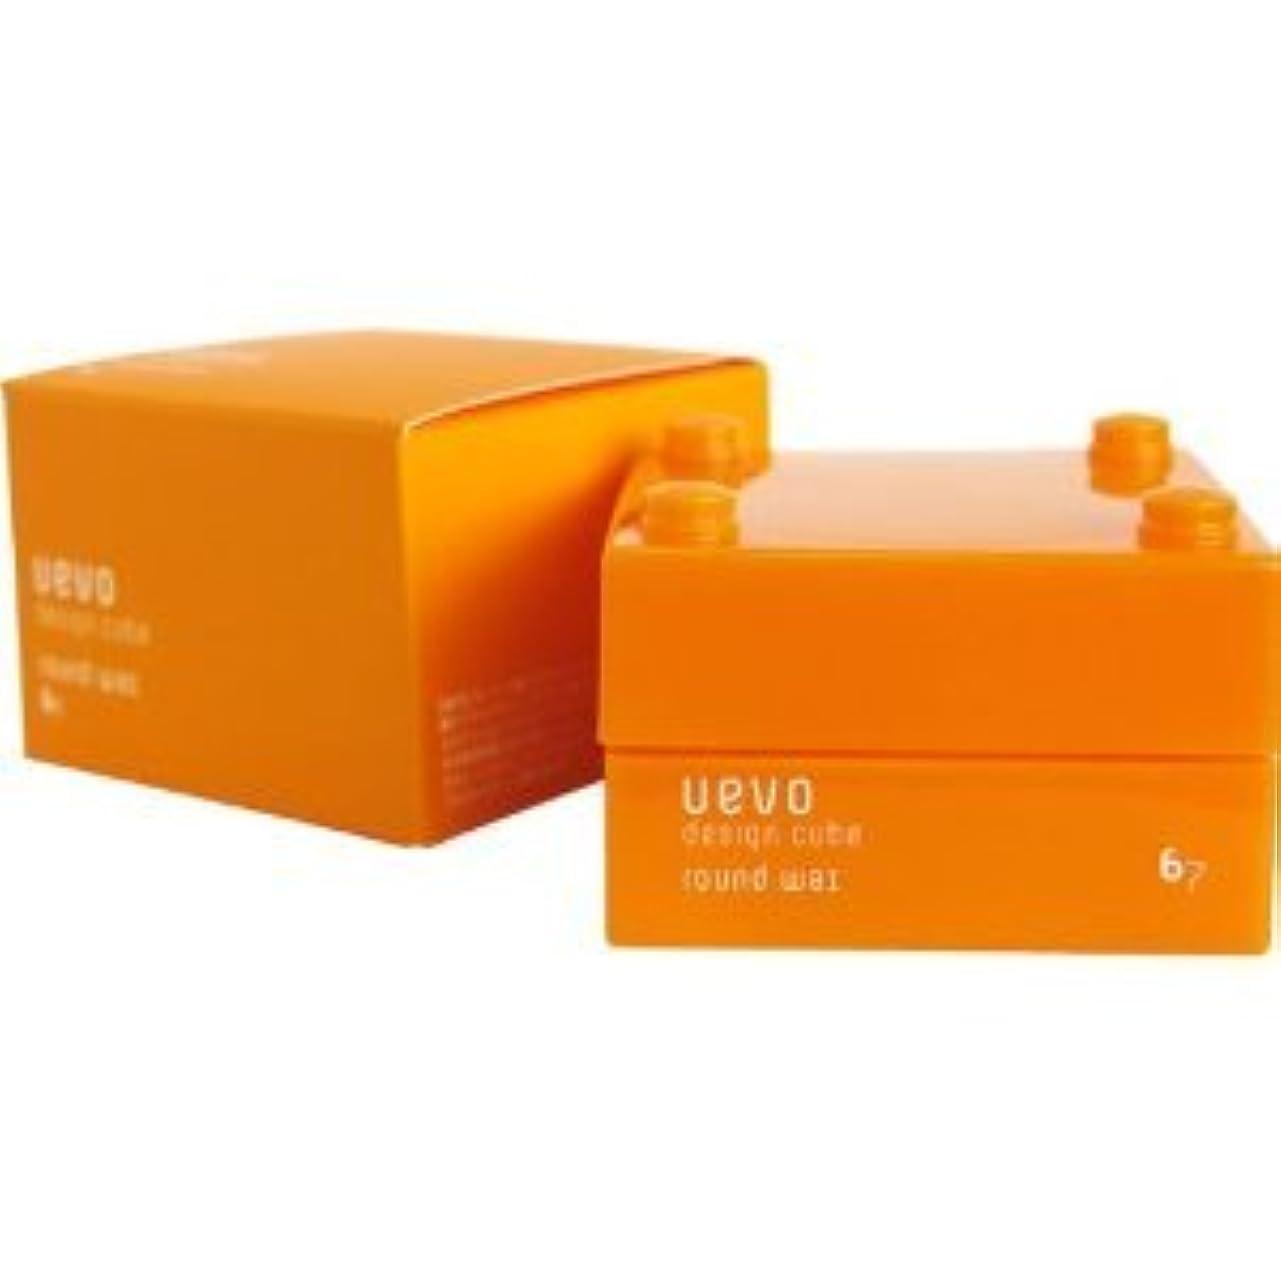 どこかカウンターパートバーゲンデミ ウェーボ デザインキューブ ラウンドワックス 30g round wax DEMI uevo design cube